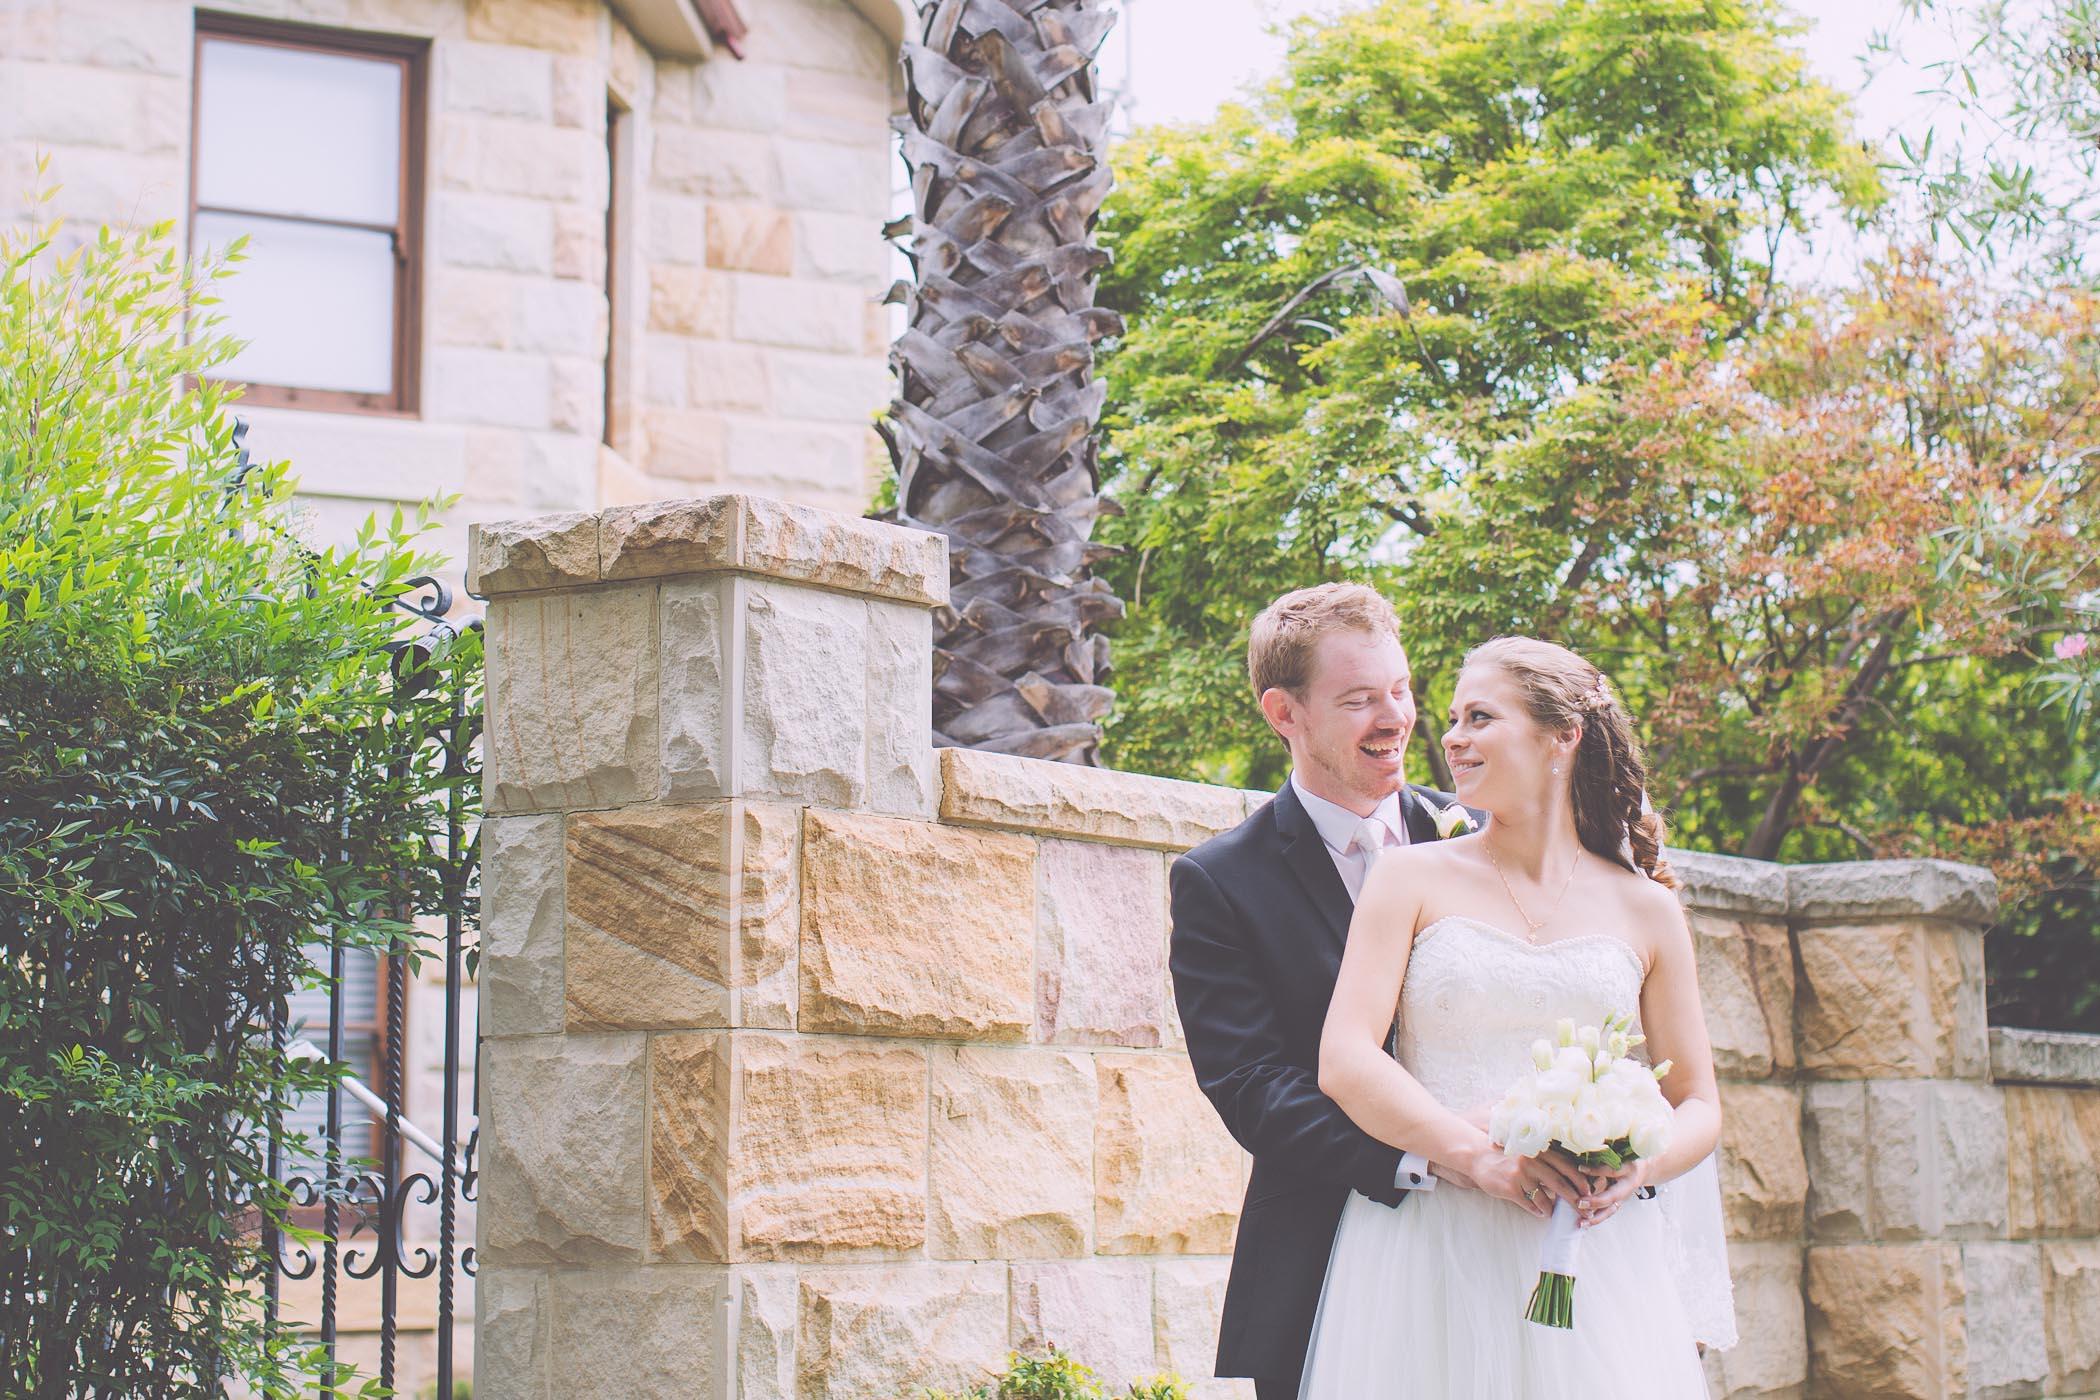 Lucy & Tom_Matt Teague_Wedding Photographer Mudgee-47.jpg